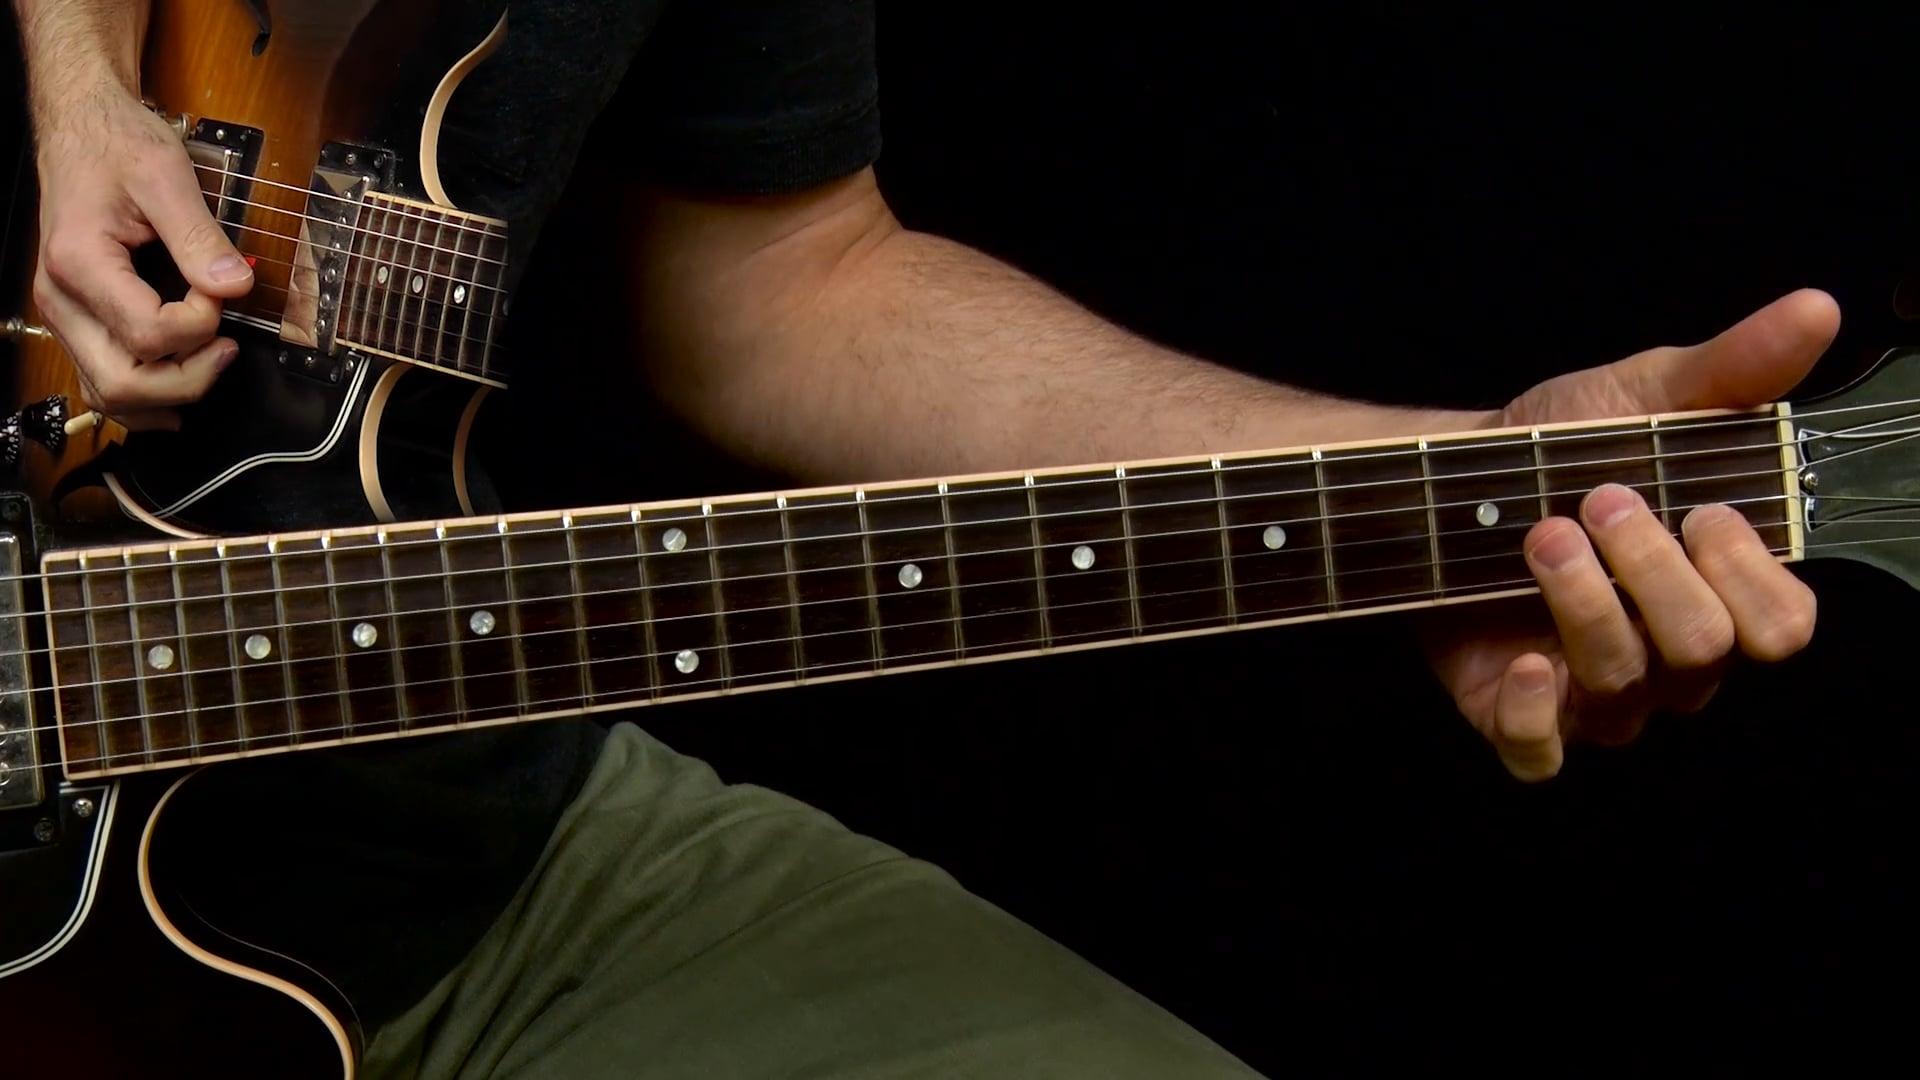 E Blues Solo The Solo